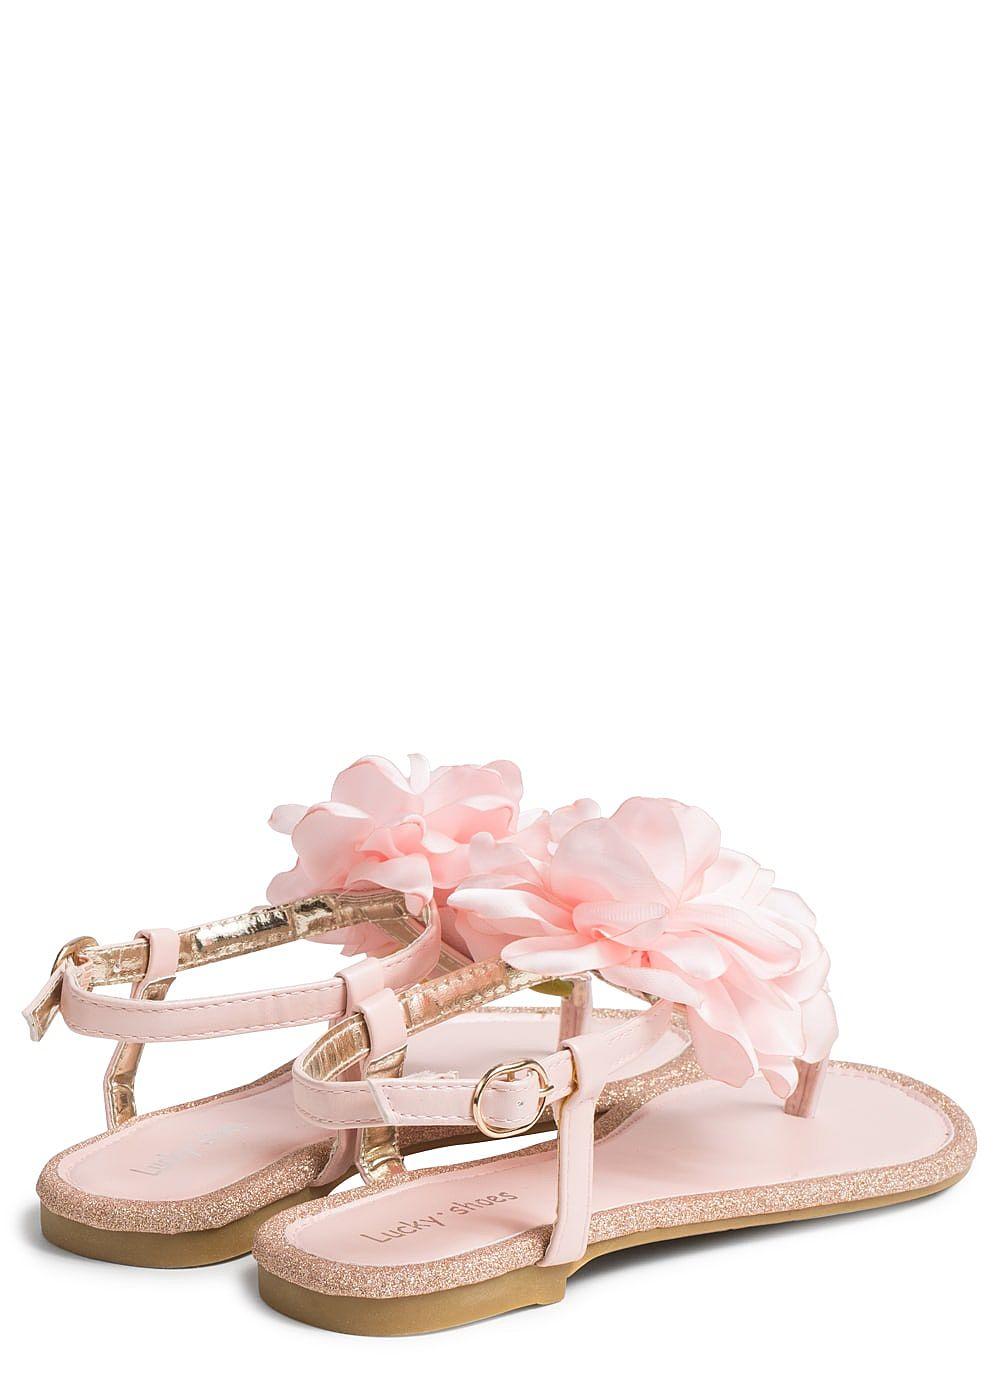 Schuhe rosa glitzer